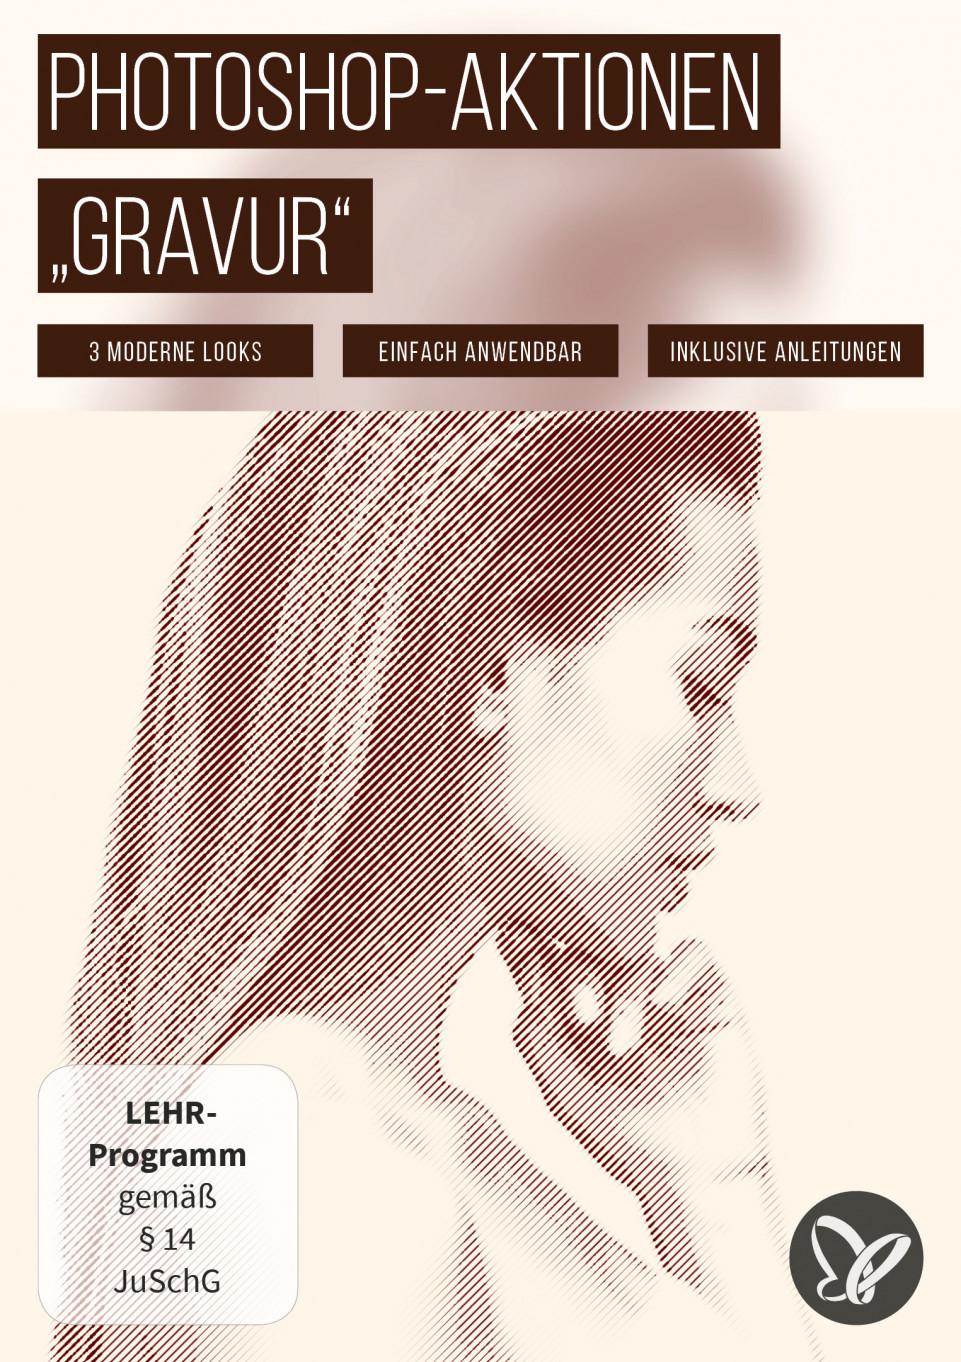 """Photoshop-Aktionen """"Gravur"""": Drei moderne Linien-Looks für deine Fotos"""